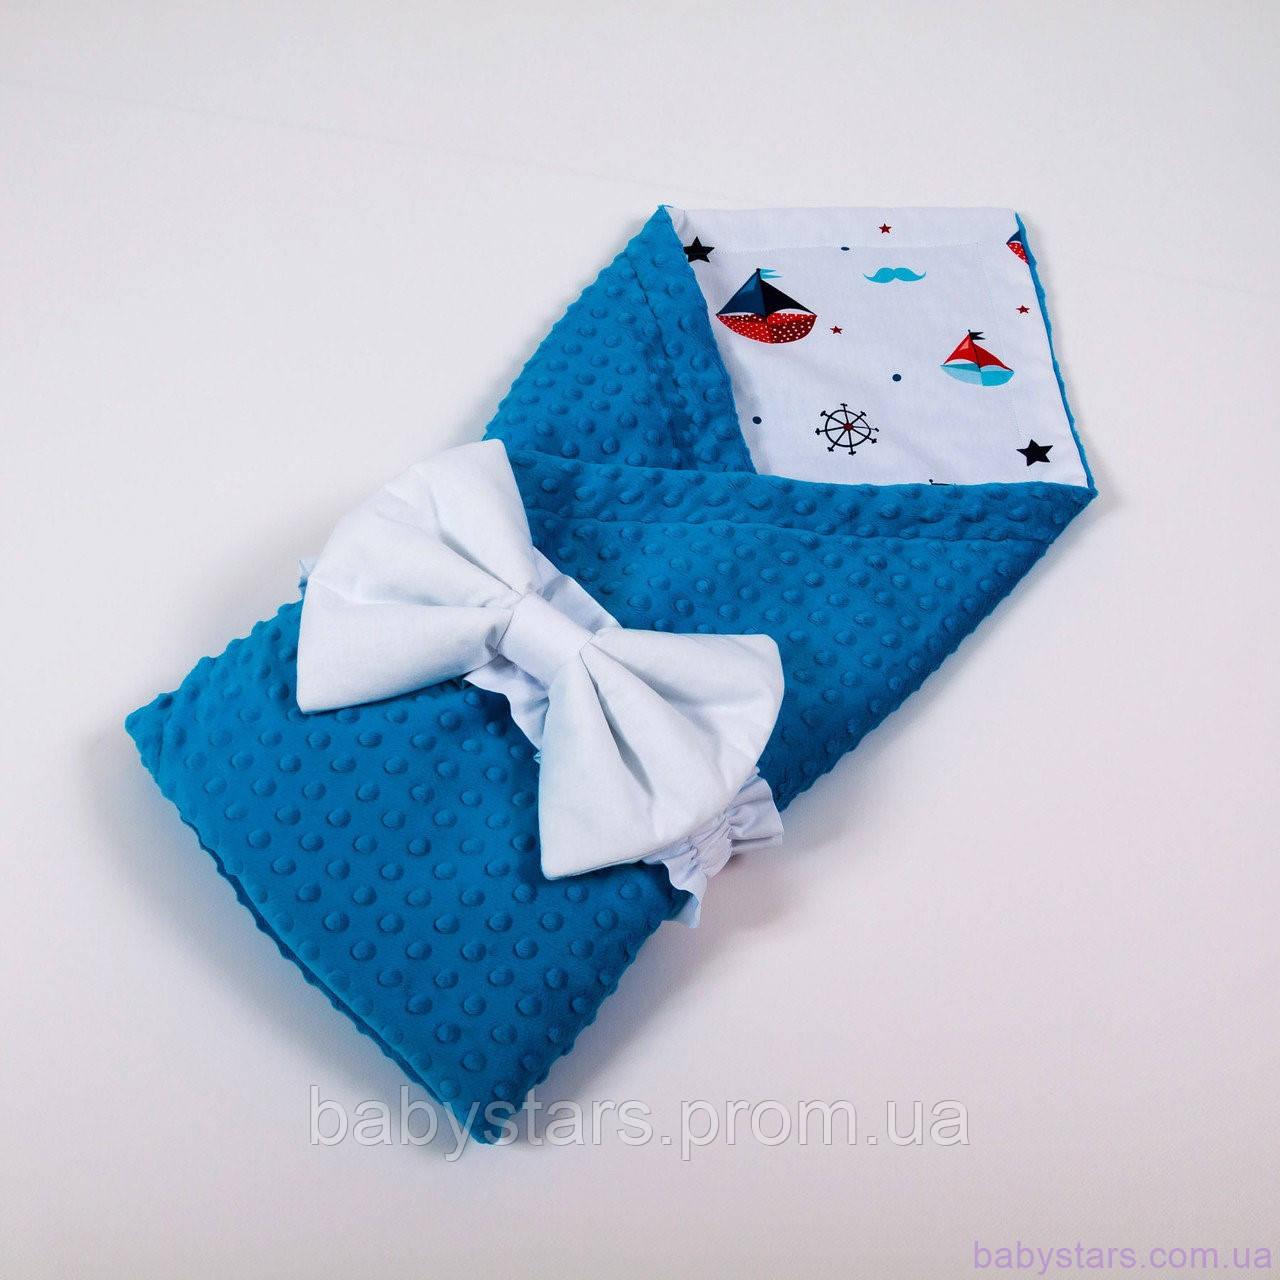 """Голубой конверт одеяло на выписку """"Кораблики на белом"""" 78*85 см"""